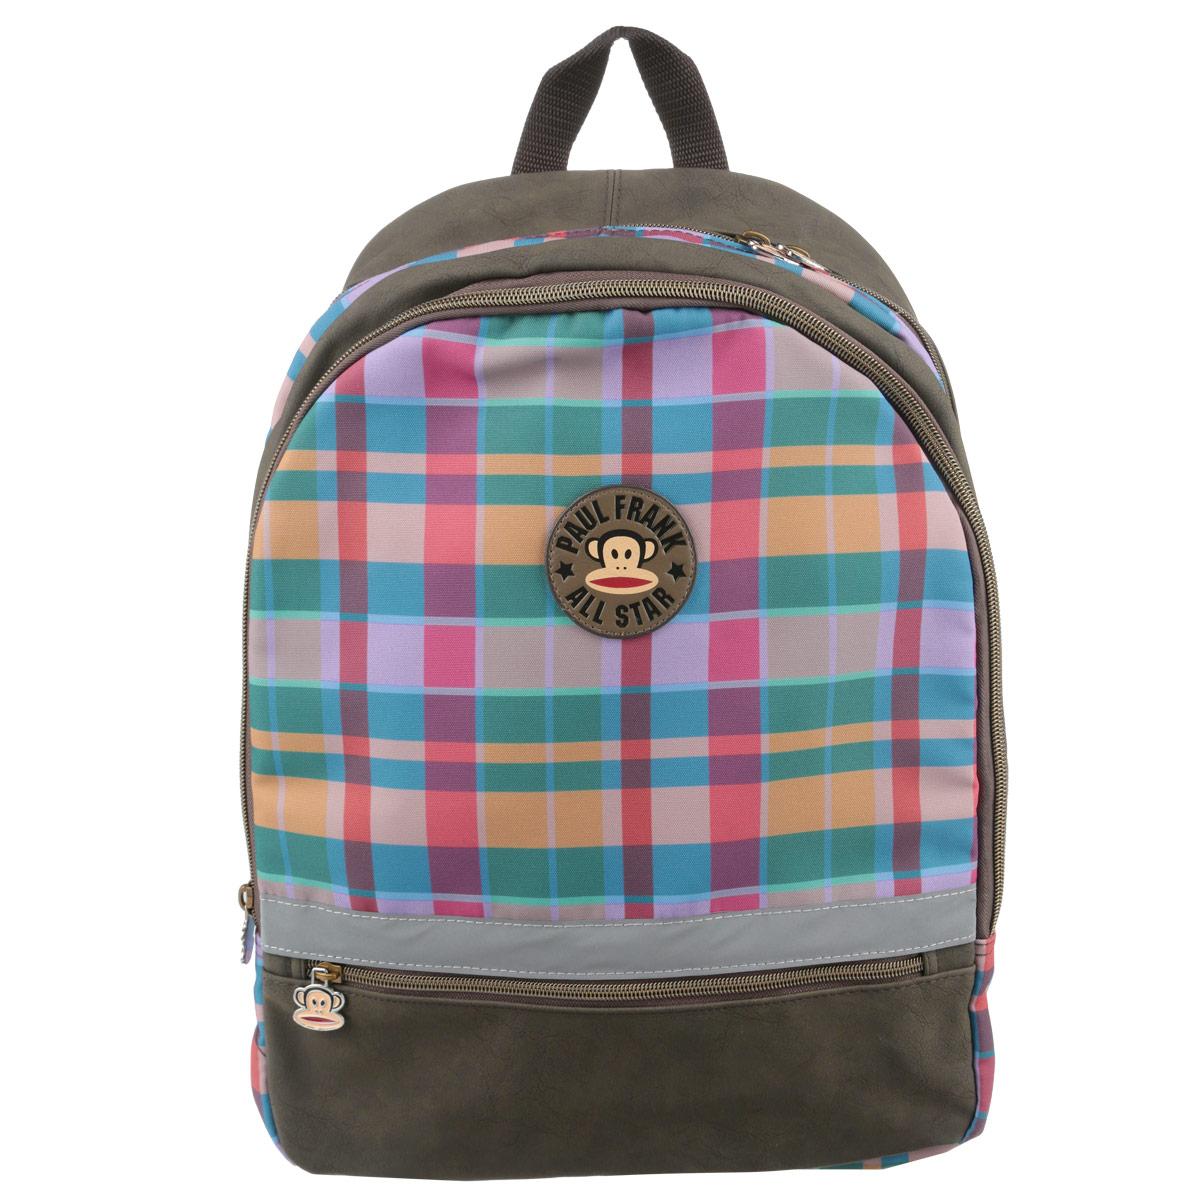 Рюкзак Kinderline Paul Frank, цвет: коричневый, розовый, зеленый